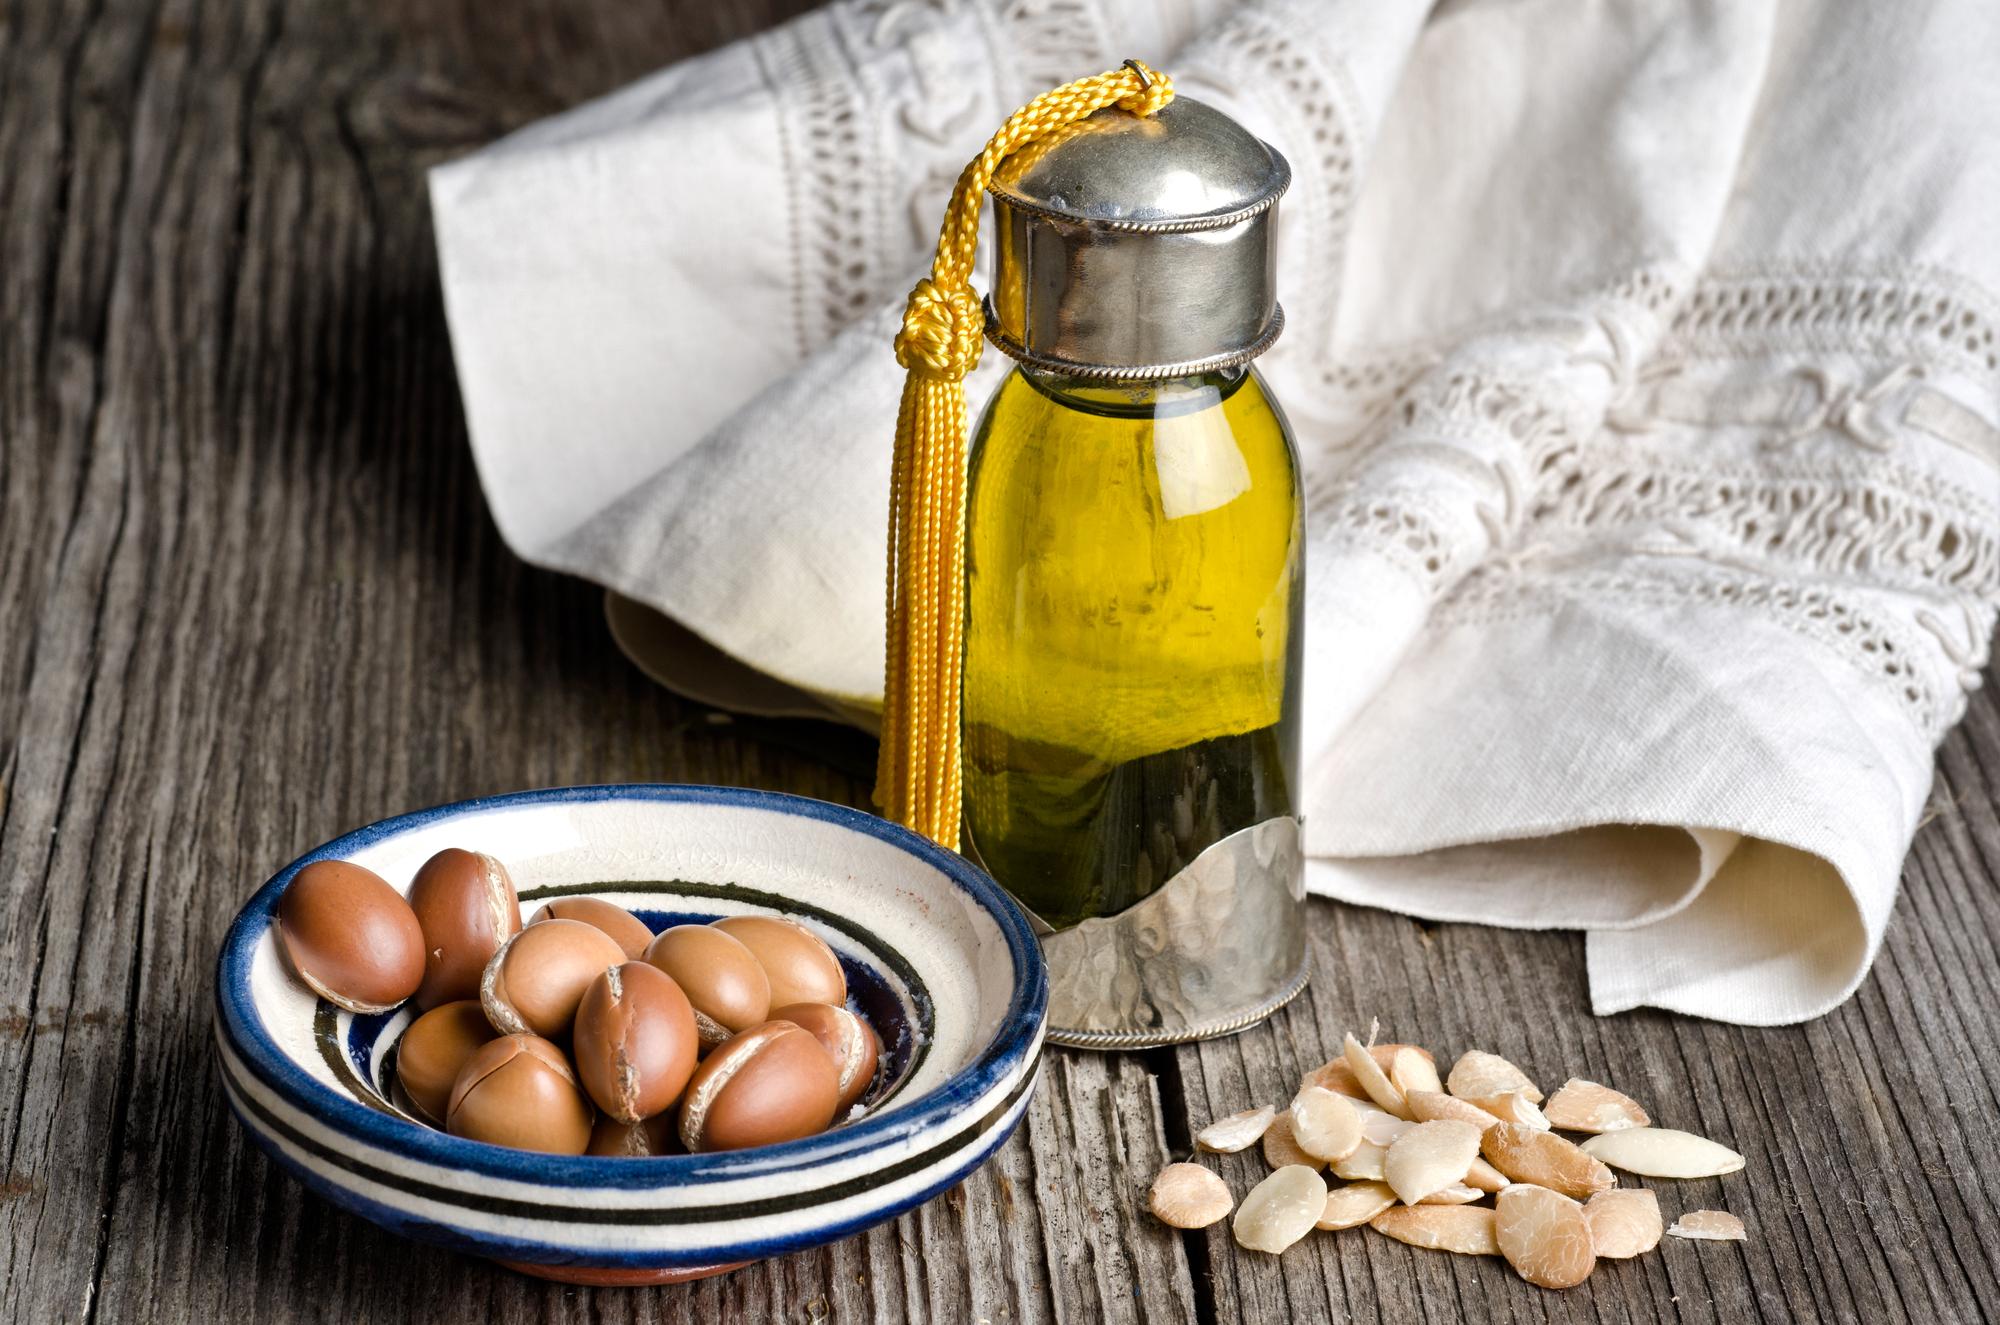 Płynne złoto wprost z Maroka - niesamowite właściwości pielęgnacyjne oleju arganowego